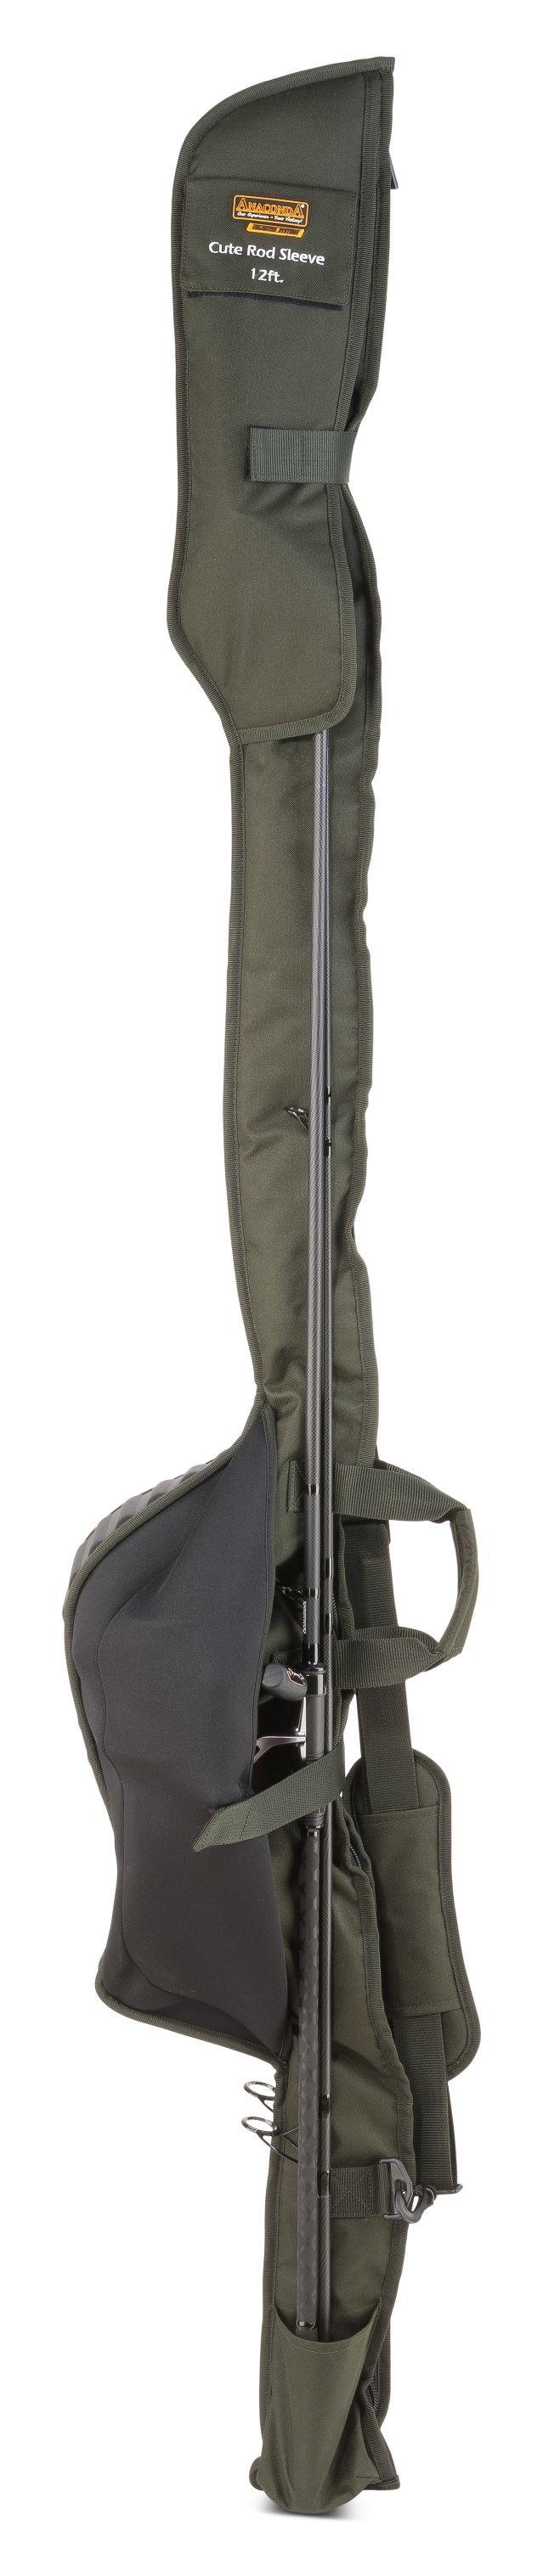 Pouzdro na pruty Anaconda Cute Rod Sleeve 10-13ft varianta: 12ft